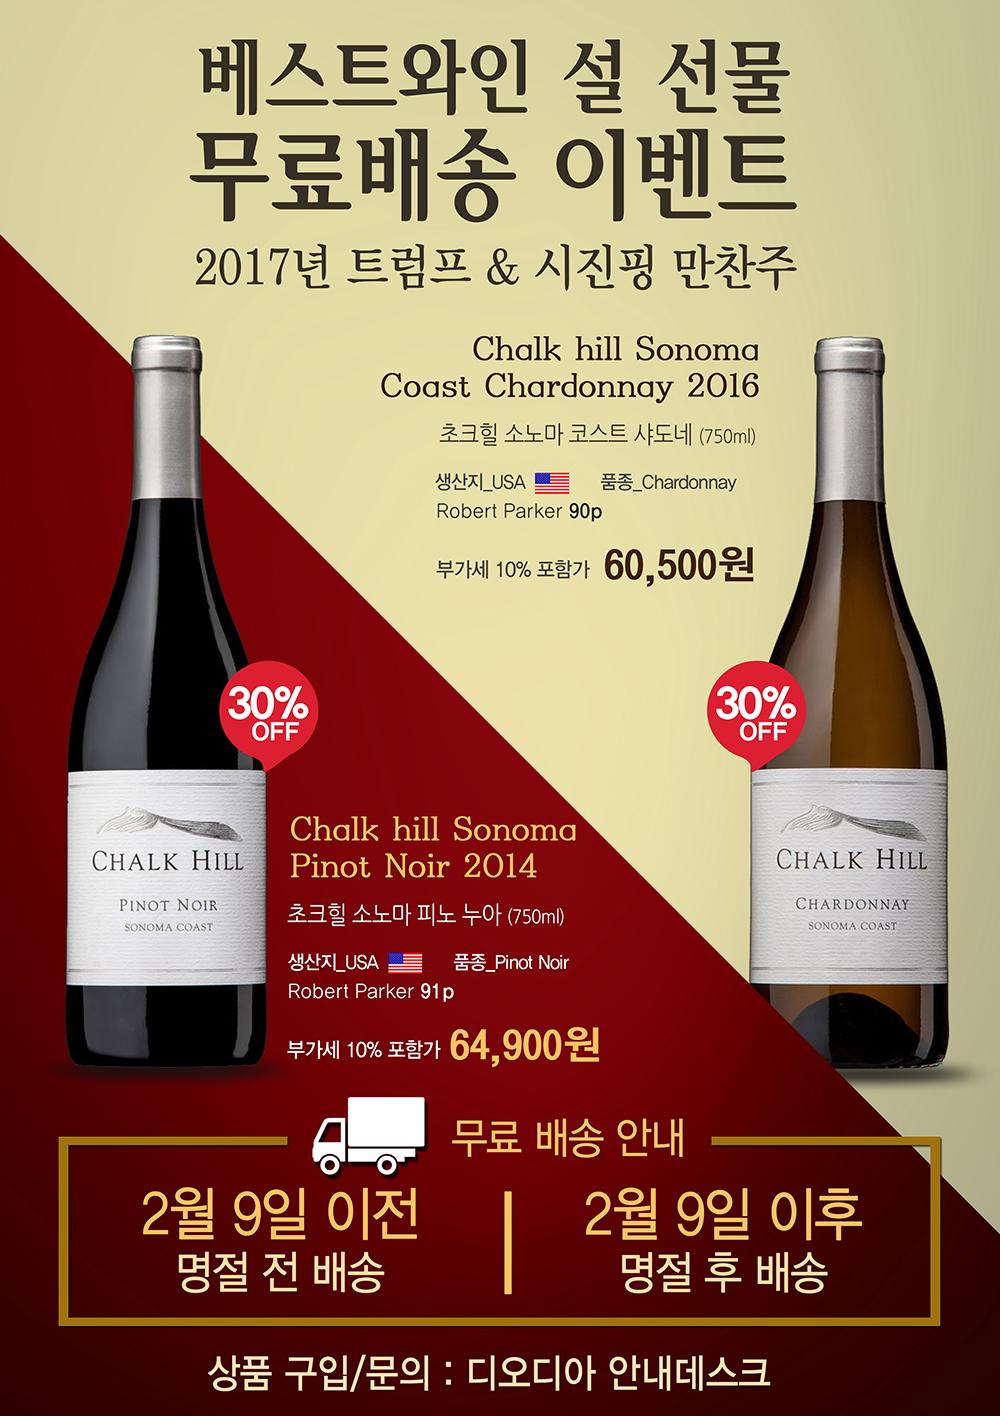 초코힐 와인2